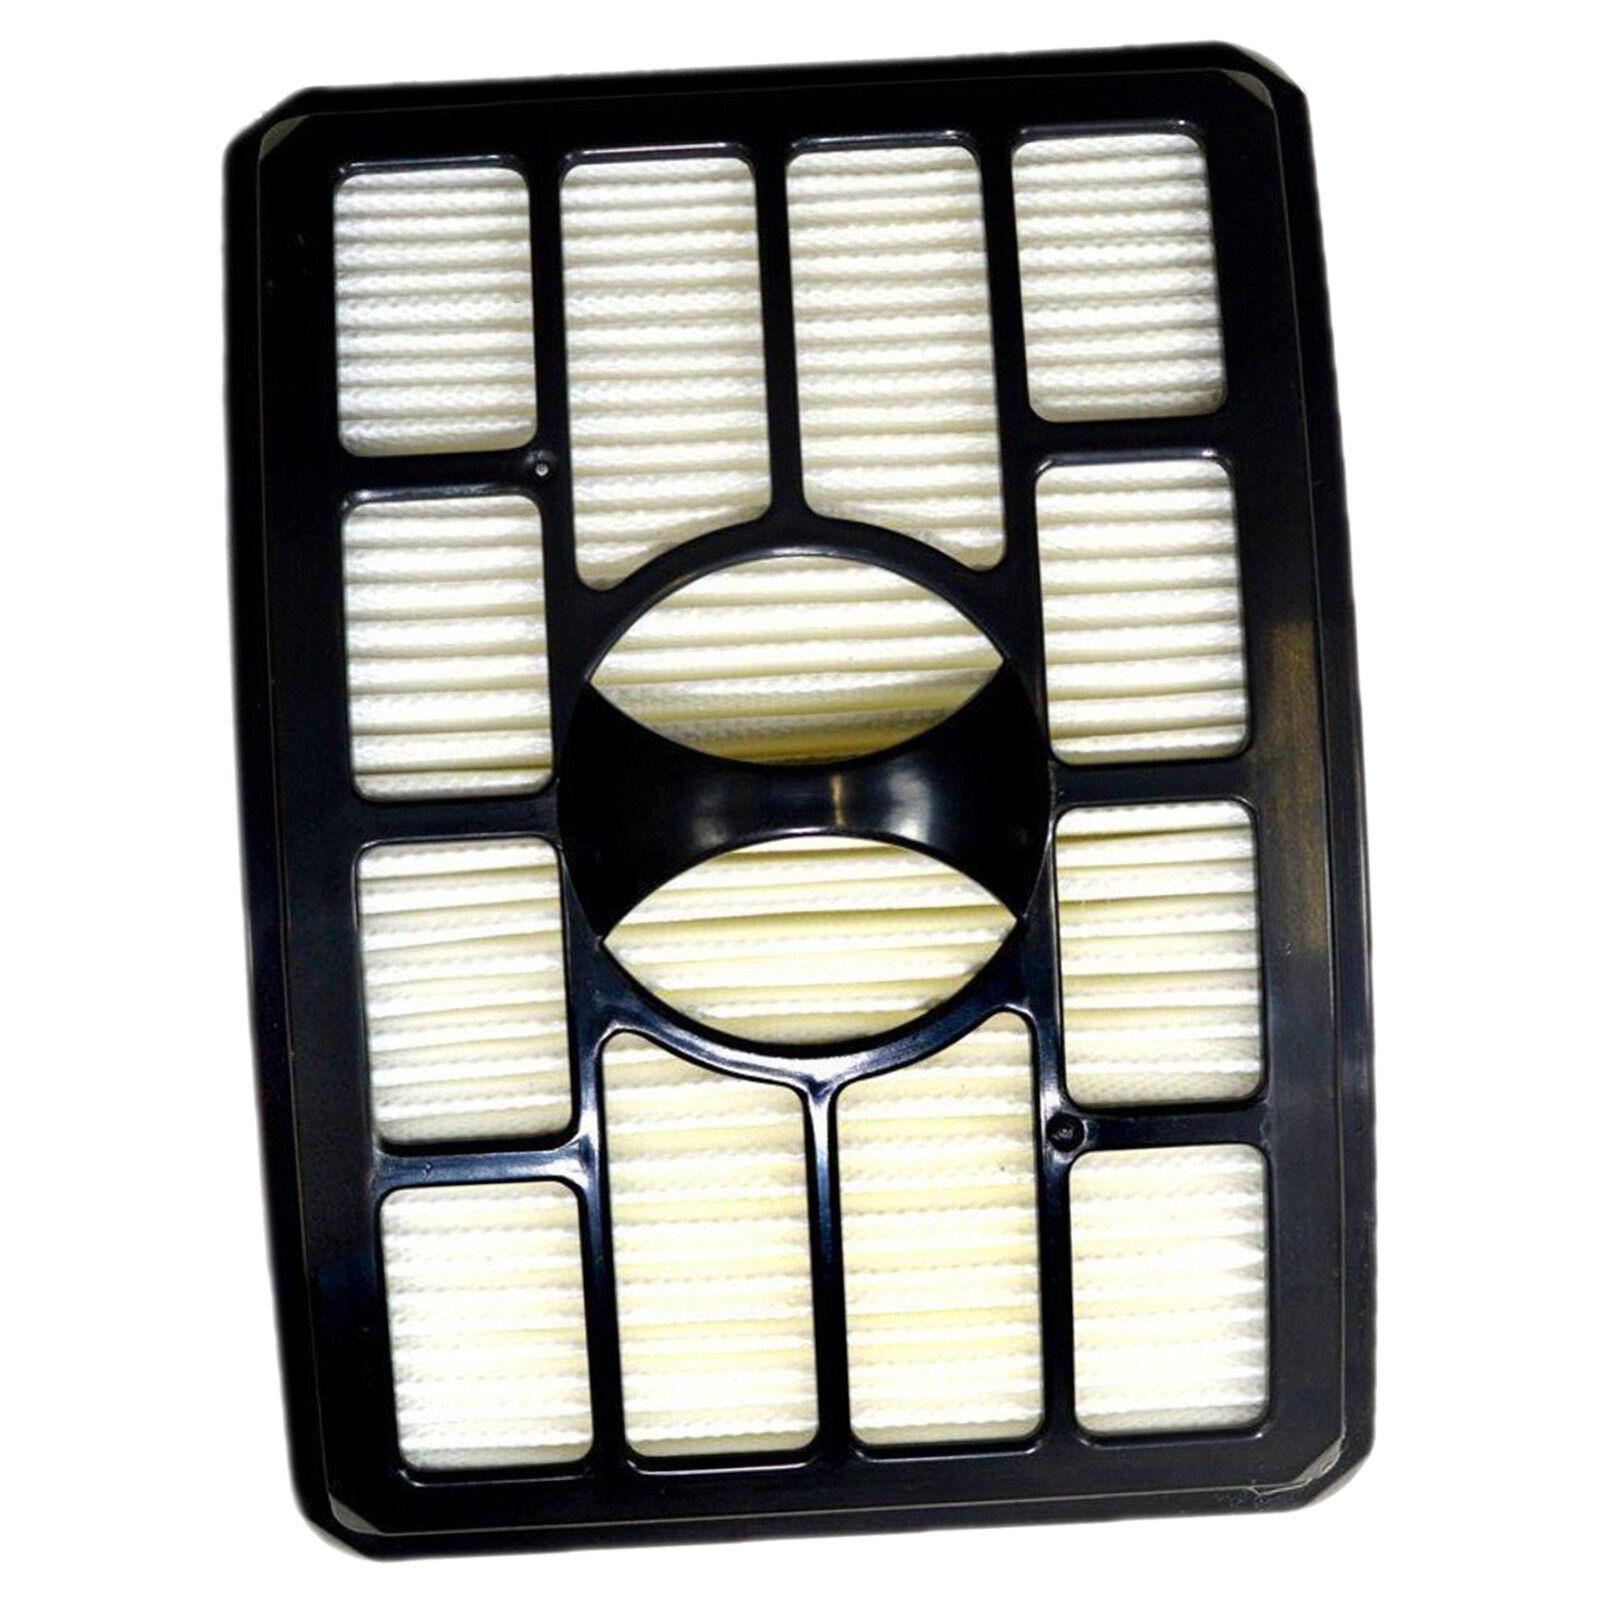 10pcs HQRP Foam Filters Kit for Shark Rotator NV500 NV501 NV502 NV503 NV550